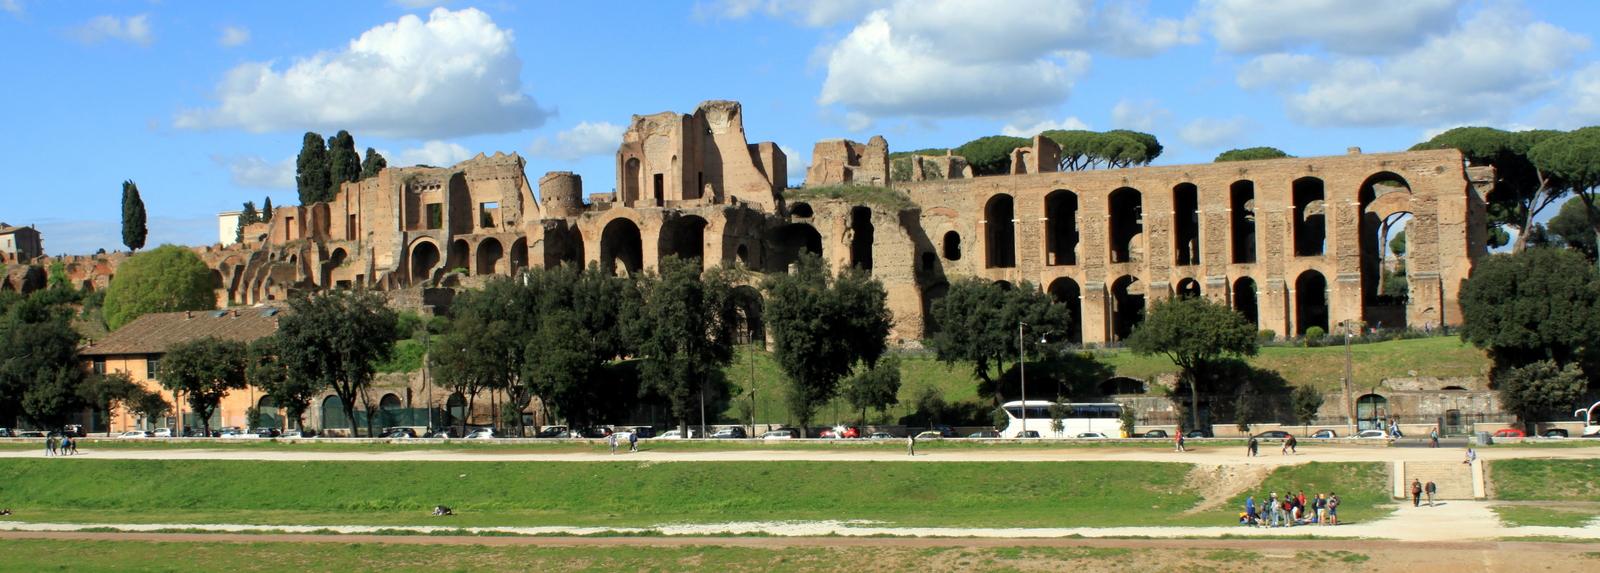 Rome, Circus Maximus